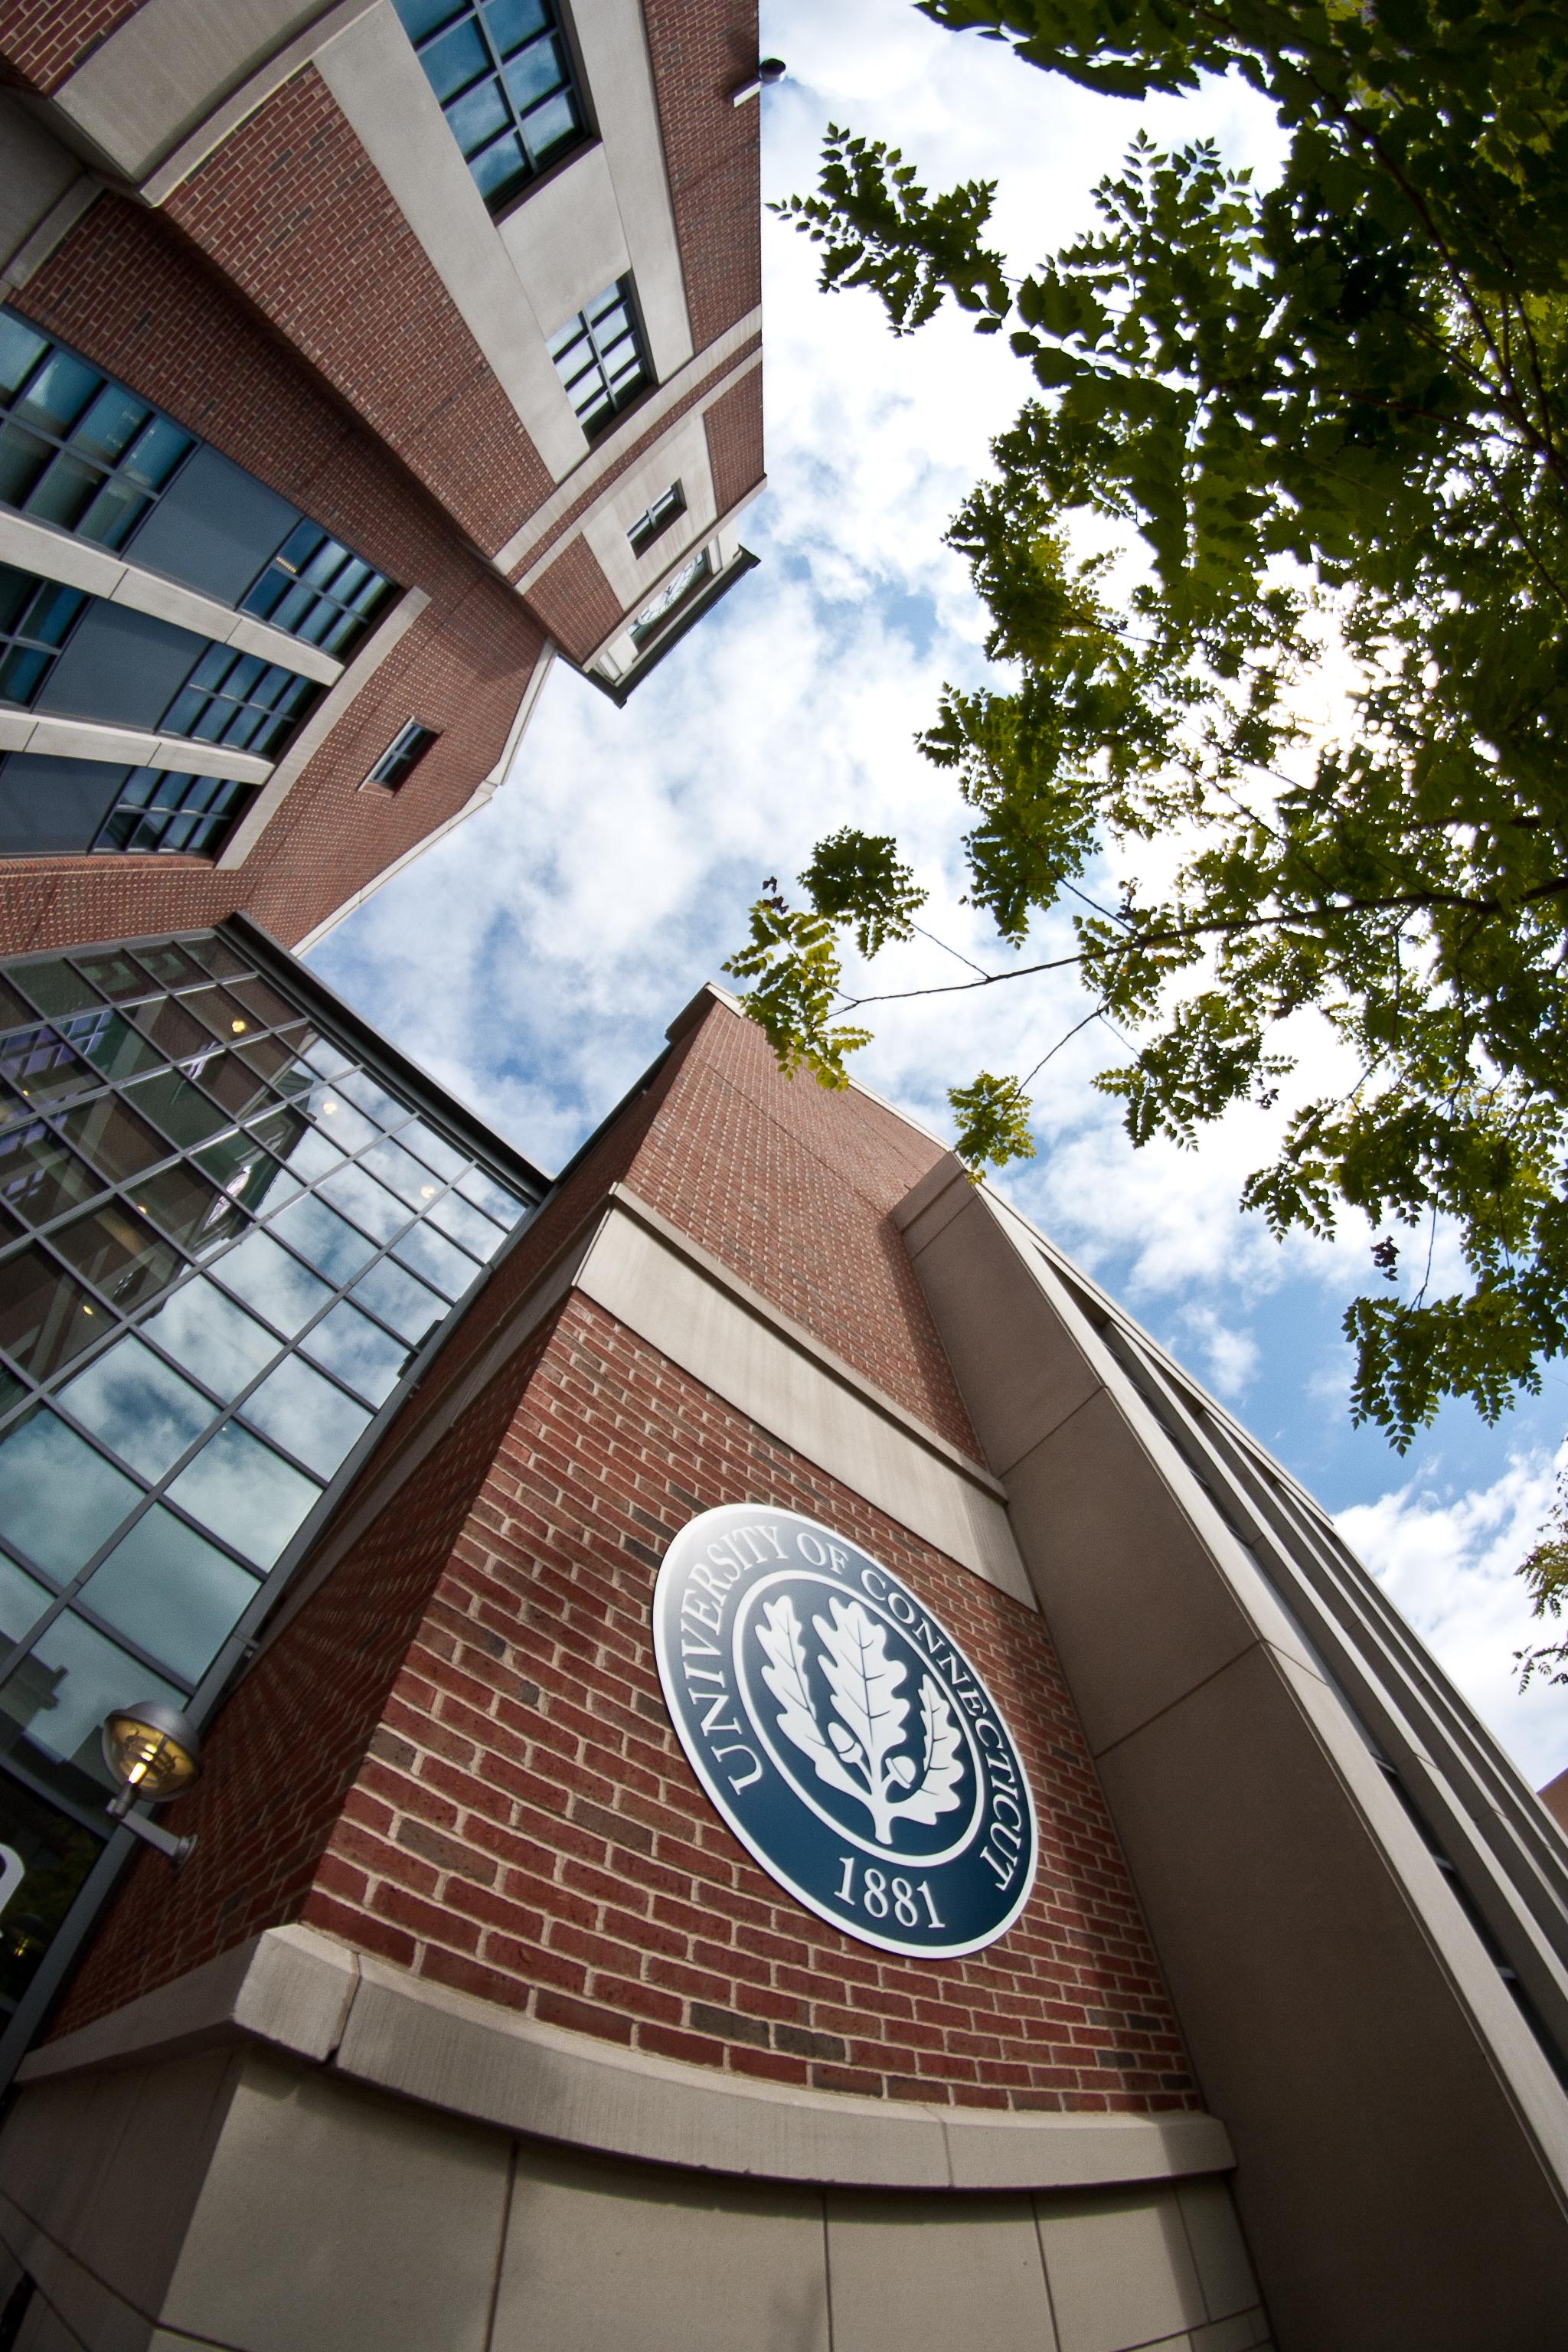 Higher Education - UCONN Waterbury